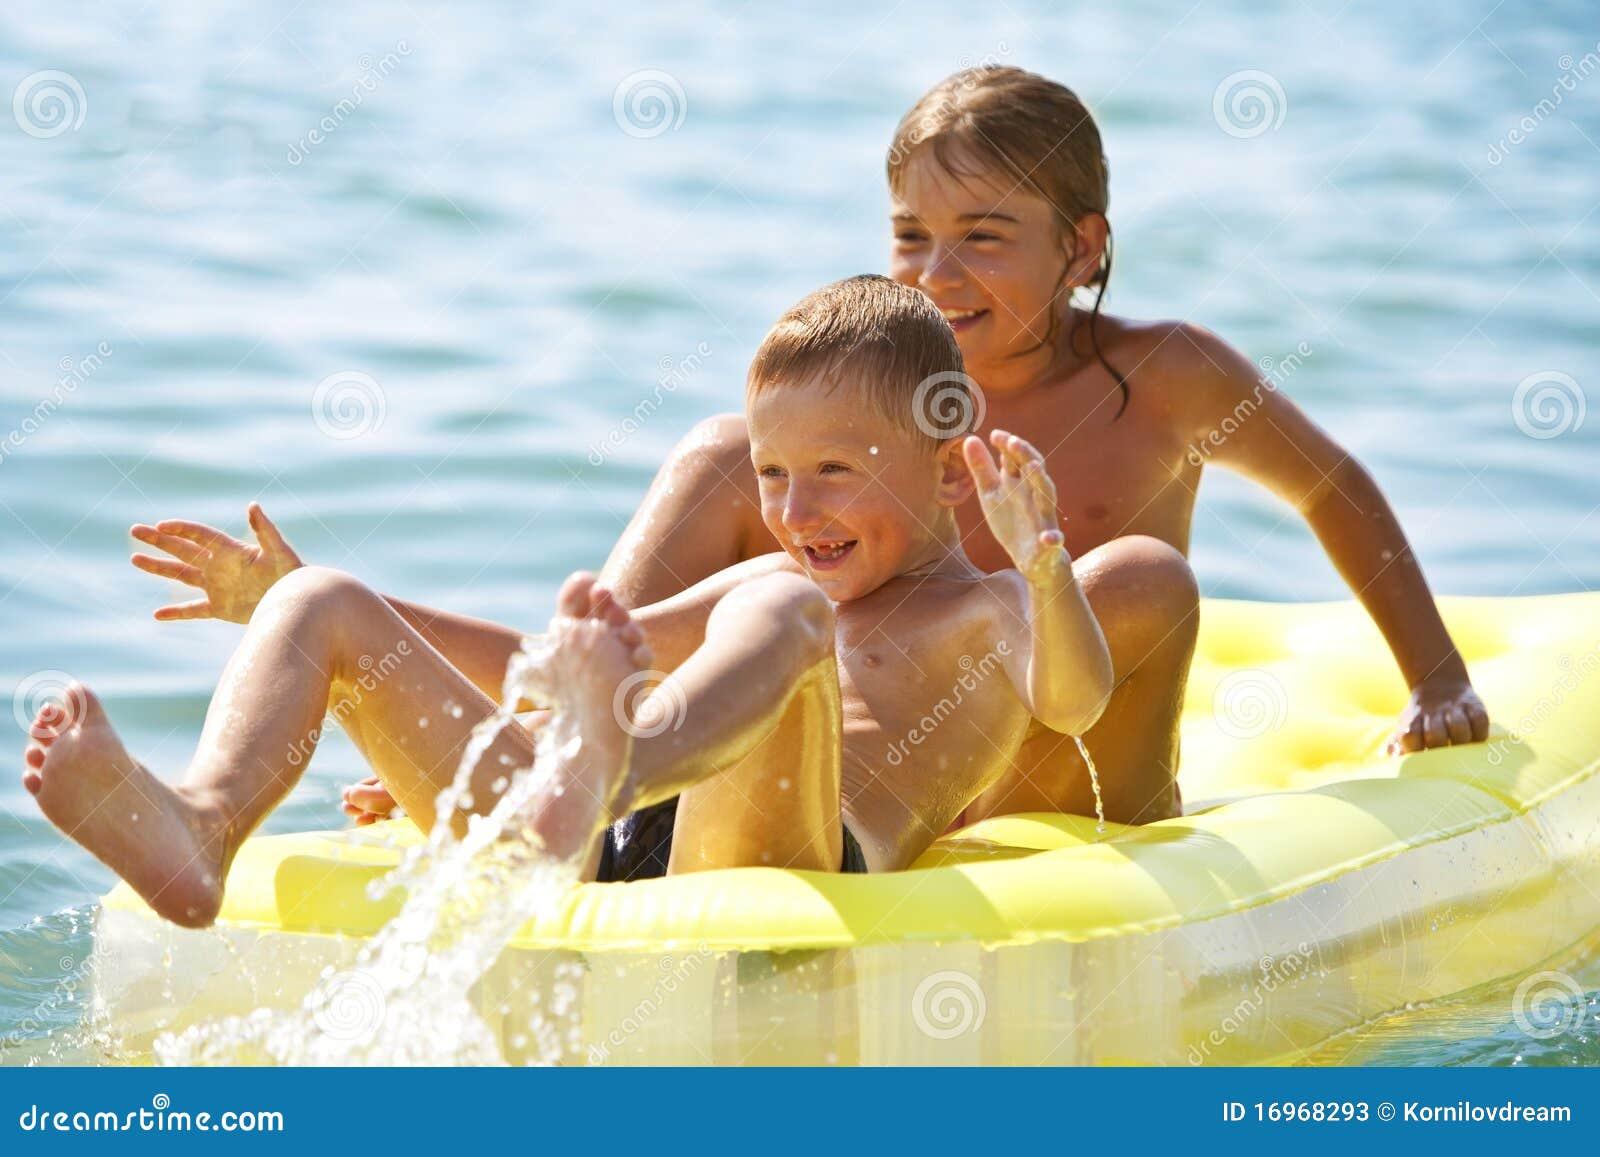 Lächelnde Kinder mit Luftbett